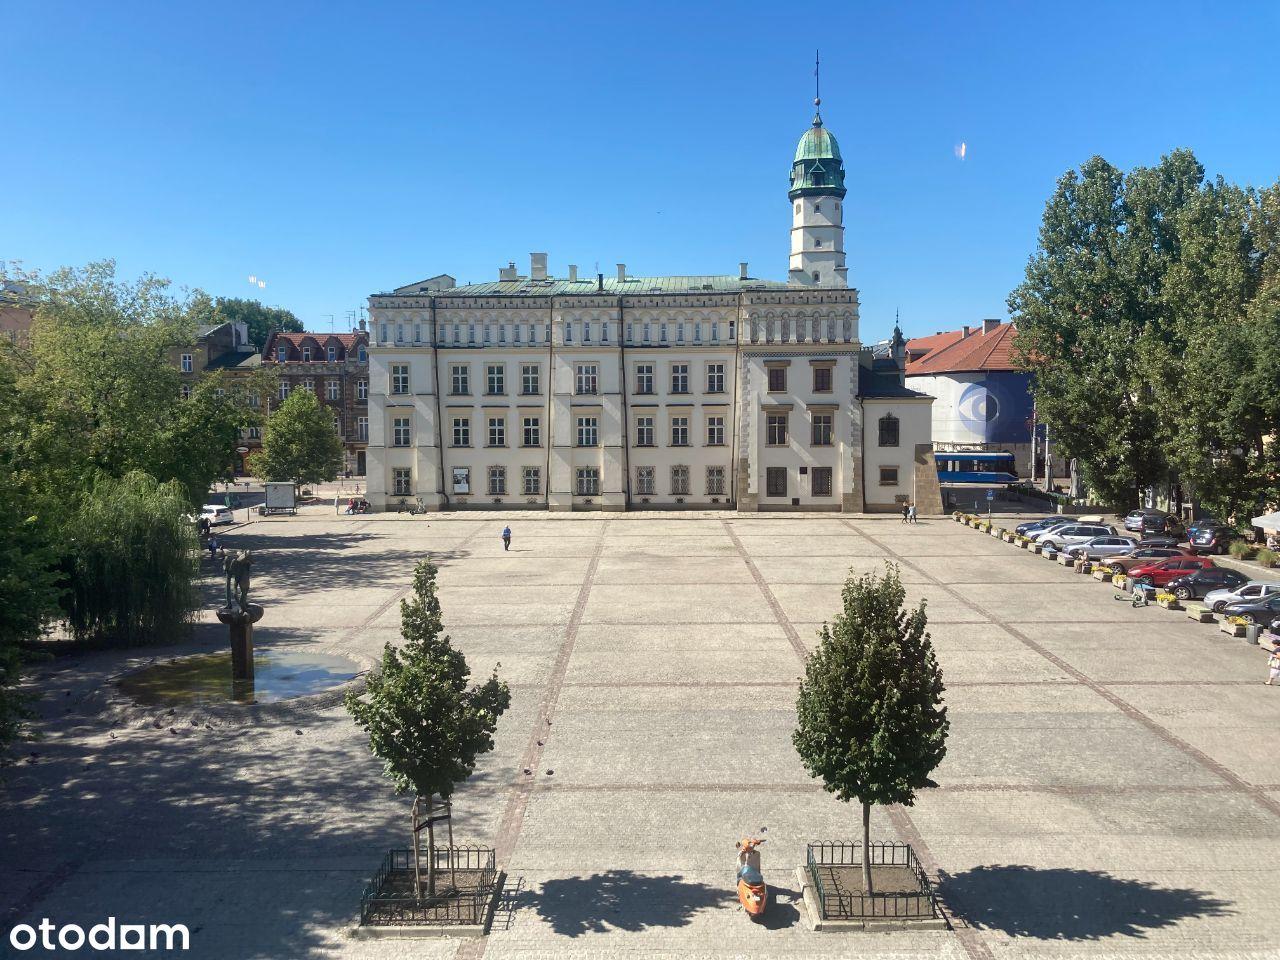 pl. Wolnica Kazimierz piękny widok na plac